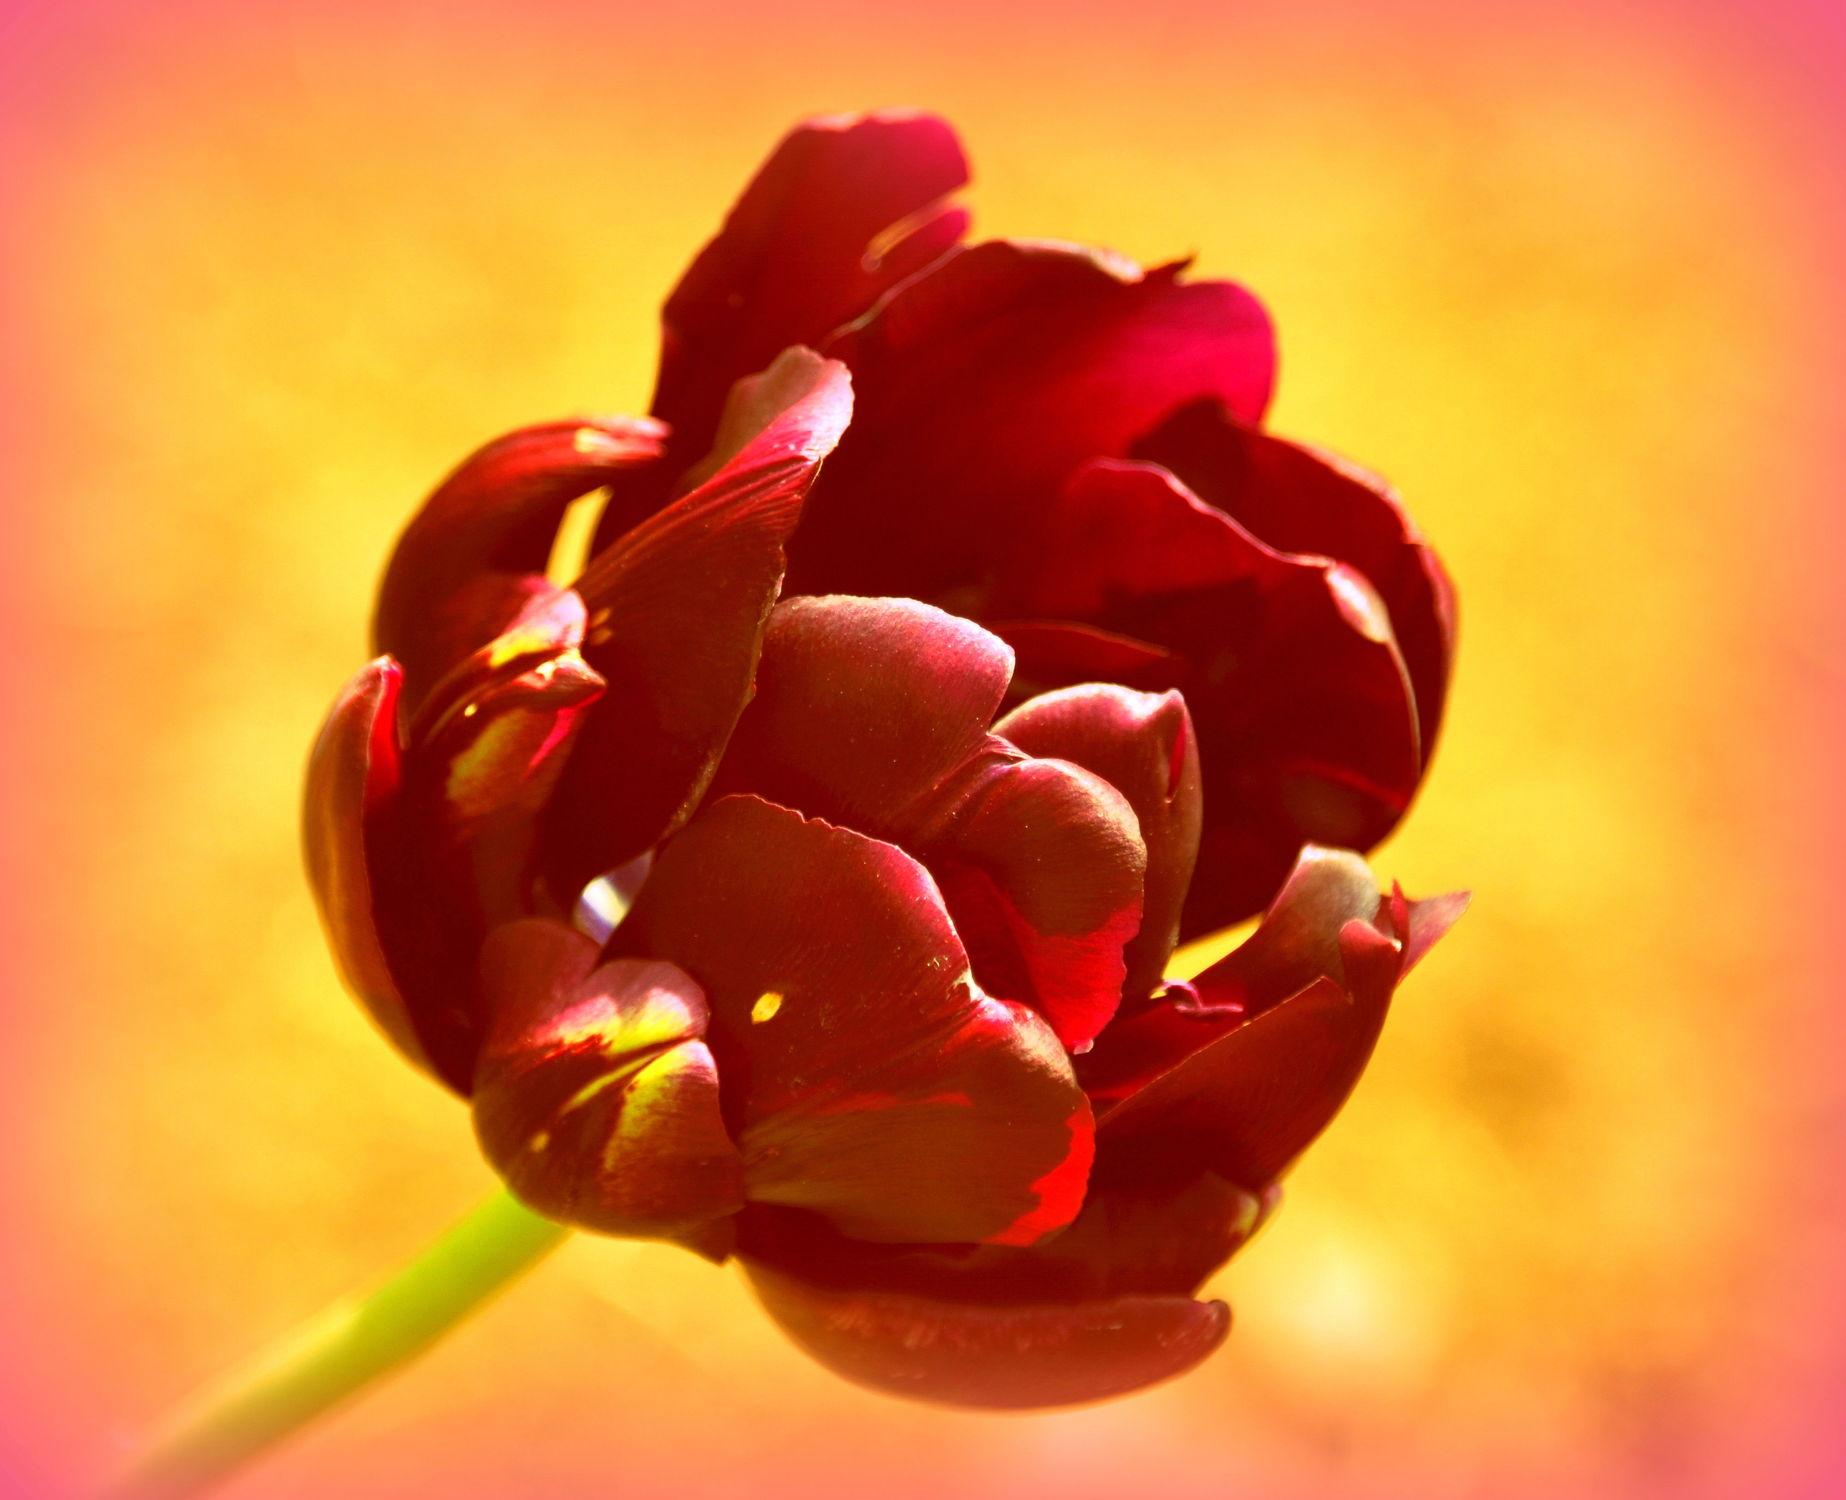 Bild mit Tulpe, Tulpen, warm, Deko, dekorativ, wandschmuck, digital bearbeitet, tulpenblüte, Poesie